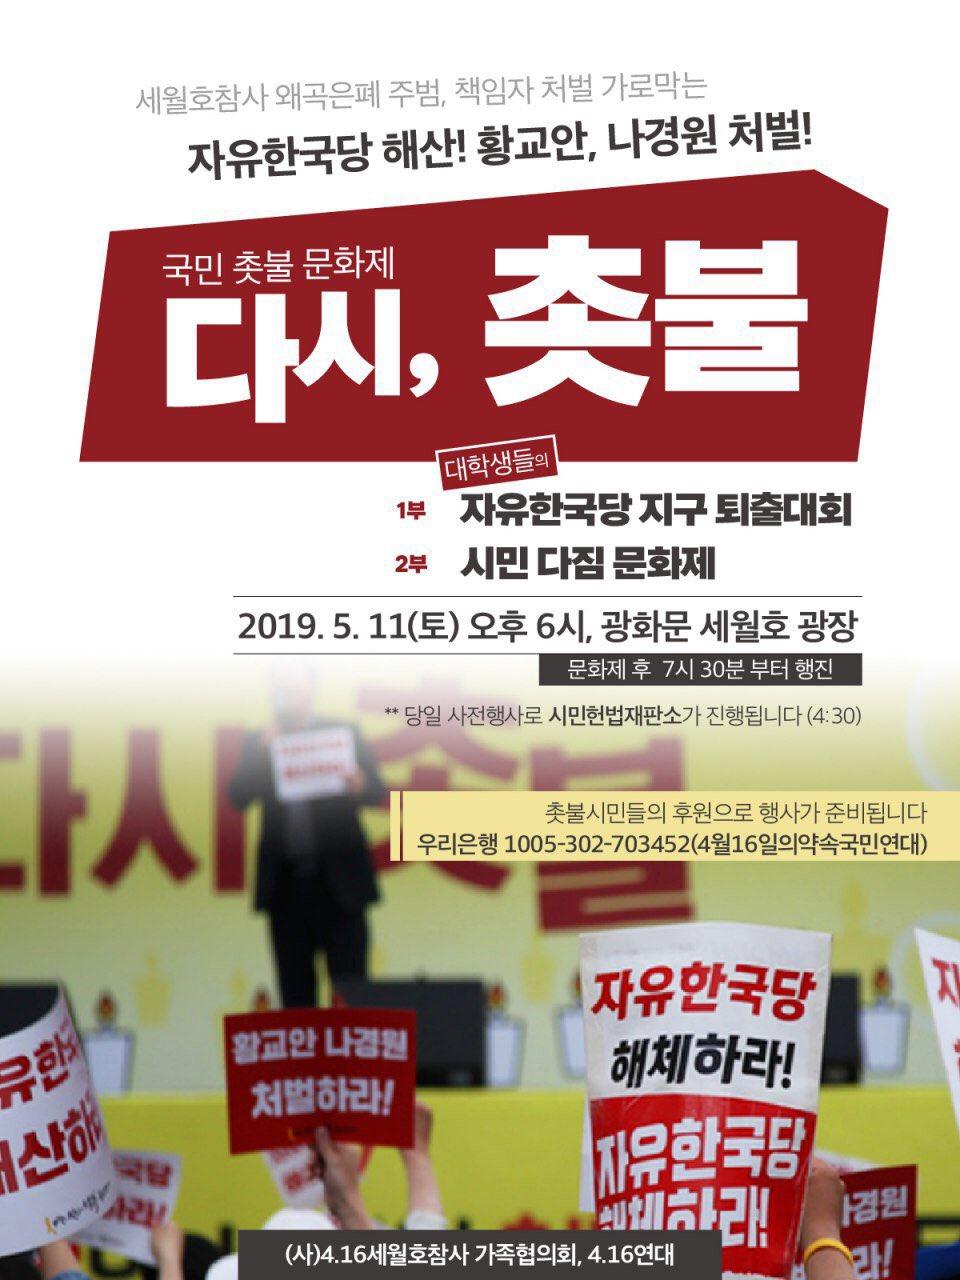 다시 촛불 ! 2차 - 5월 11일 (토) 오후 6시, 광화문 세월호 광장